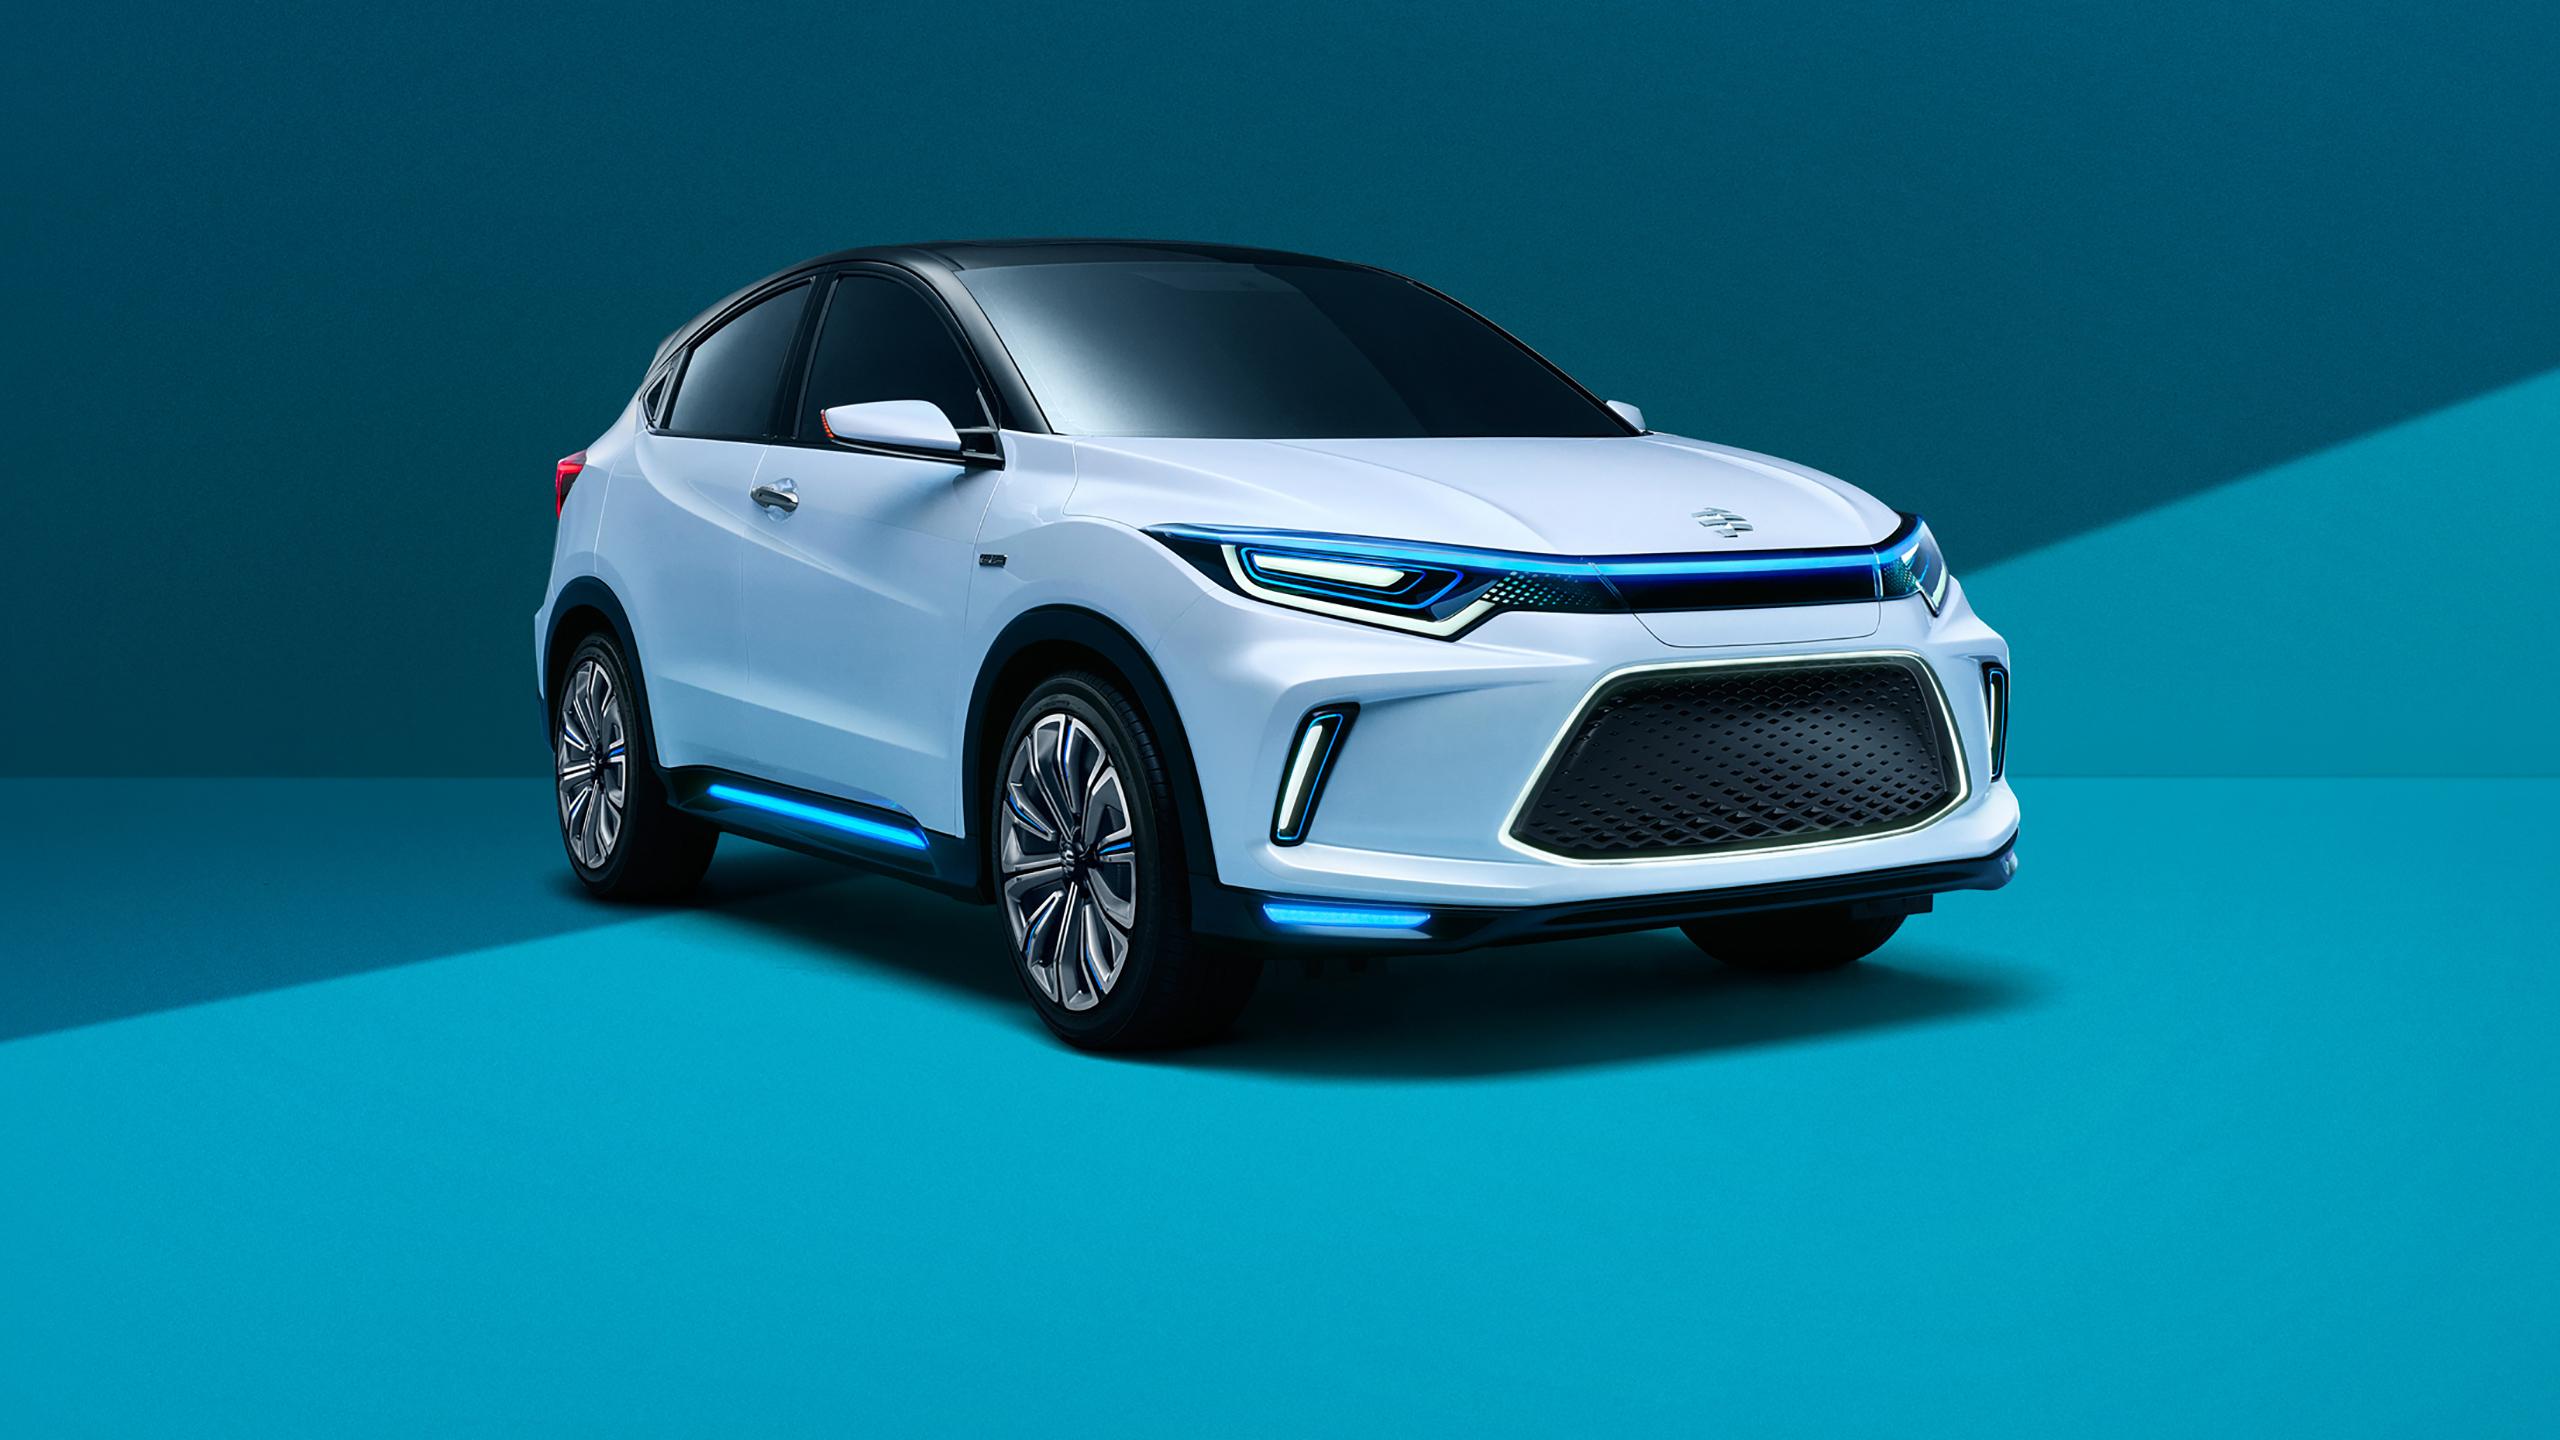 Everus Car Sales Data